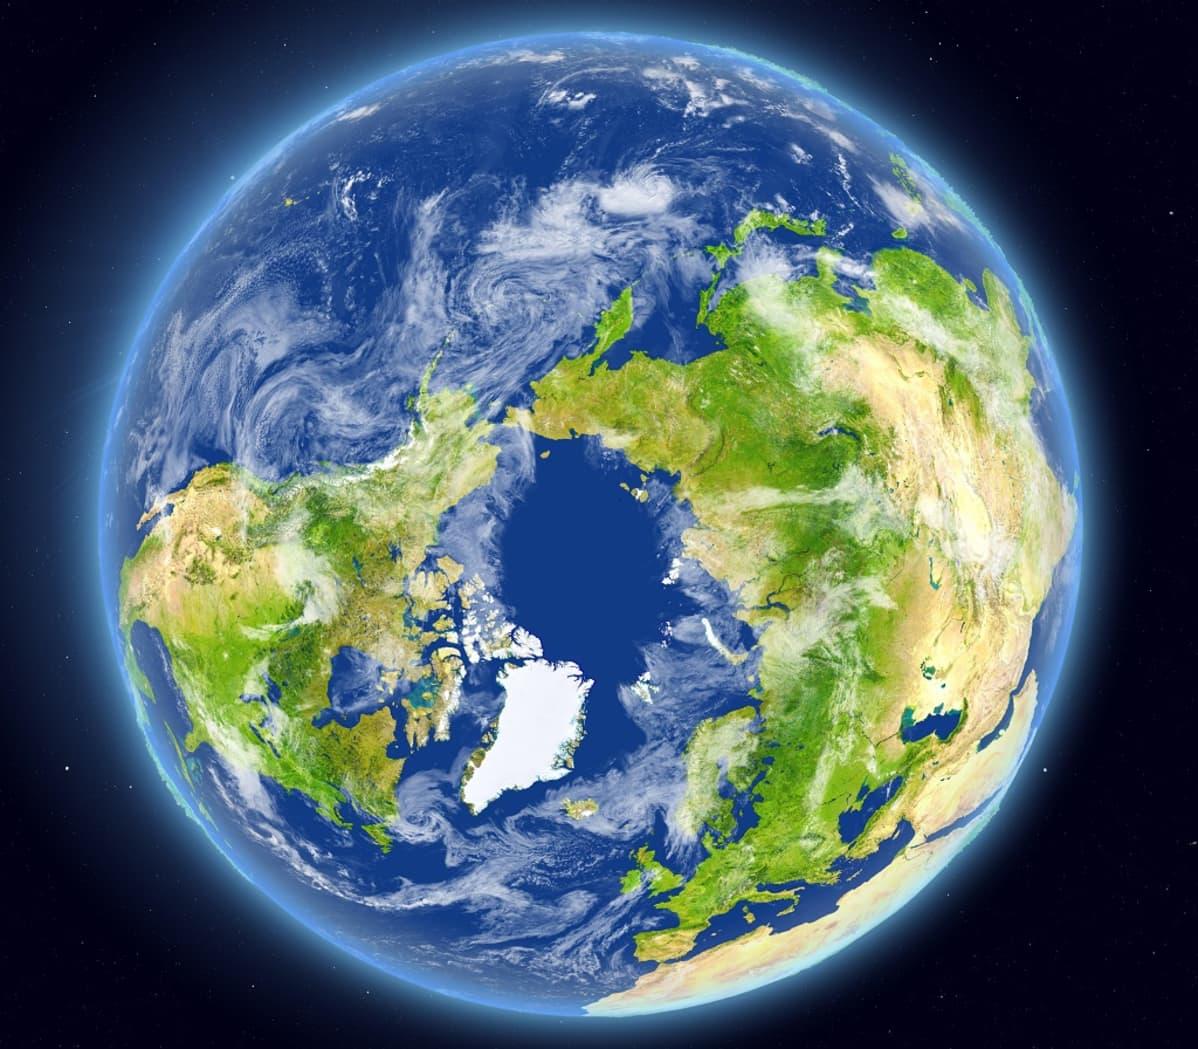 Satelliittikuva maapallosta niin, että pohjoisnapa on keskellä.